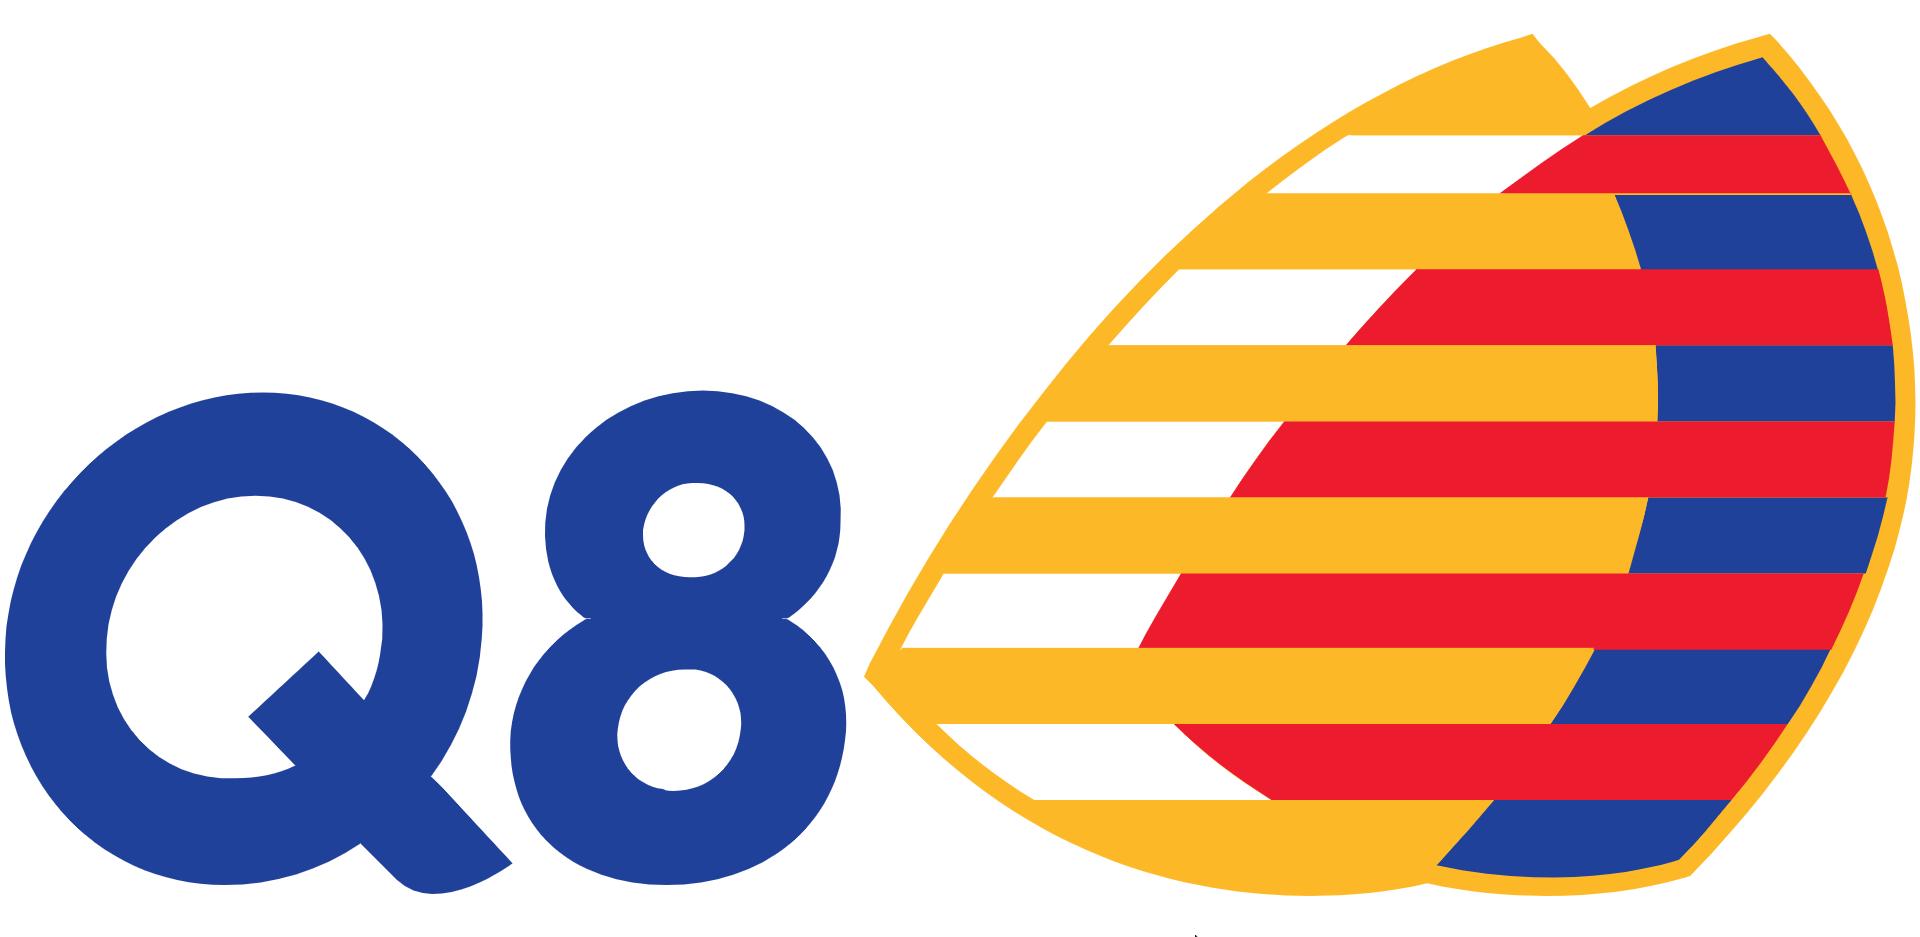 Logo der Ladekarte von Q8 Electric